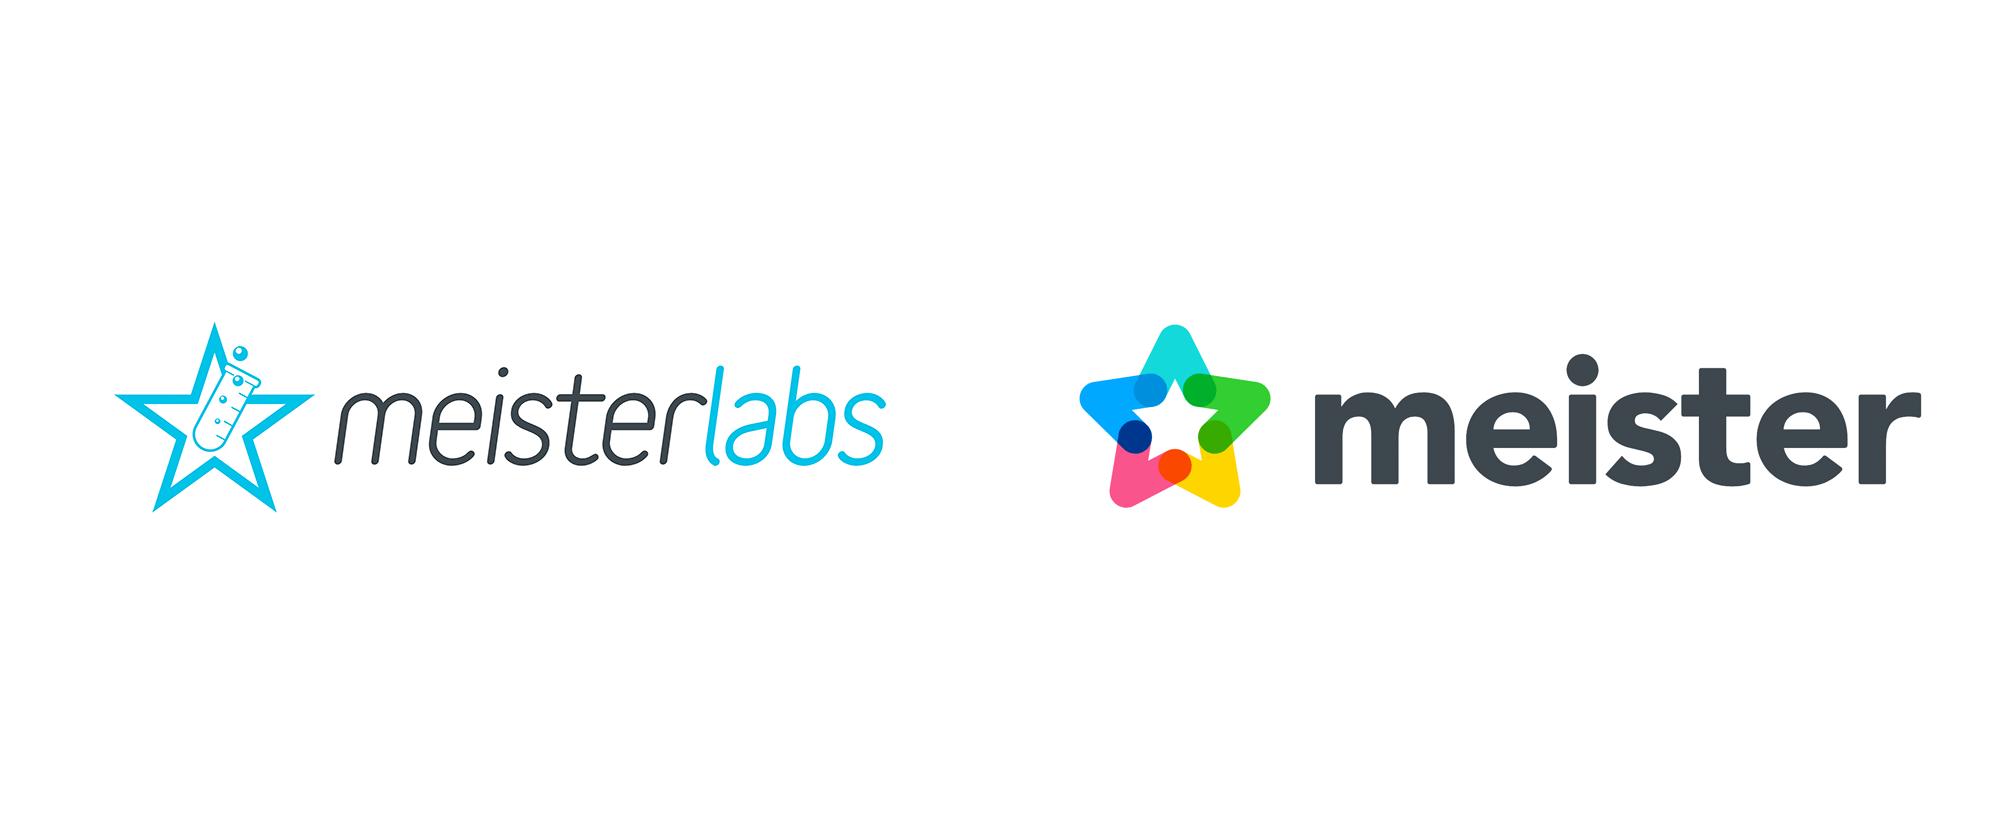 New Logo for Meister